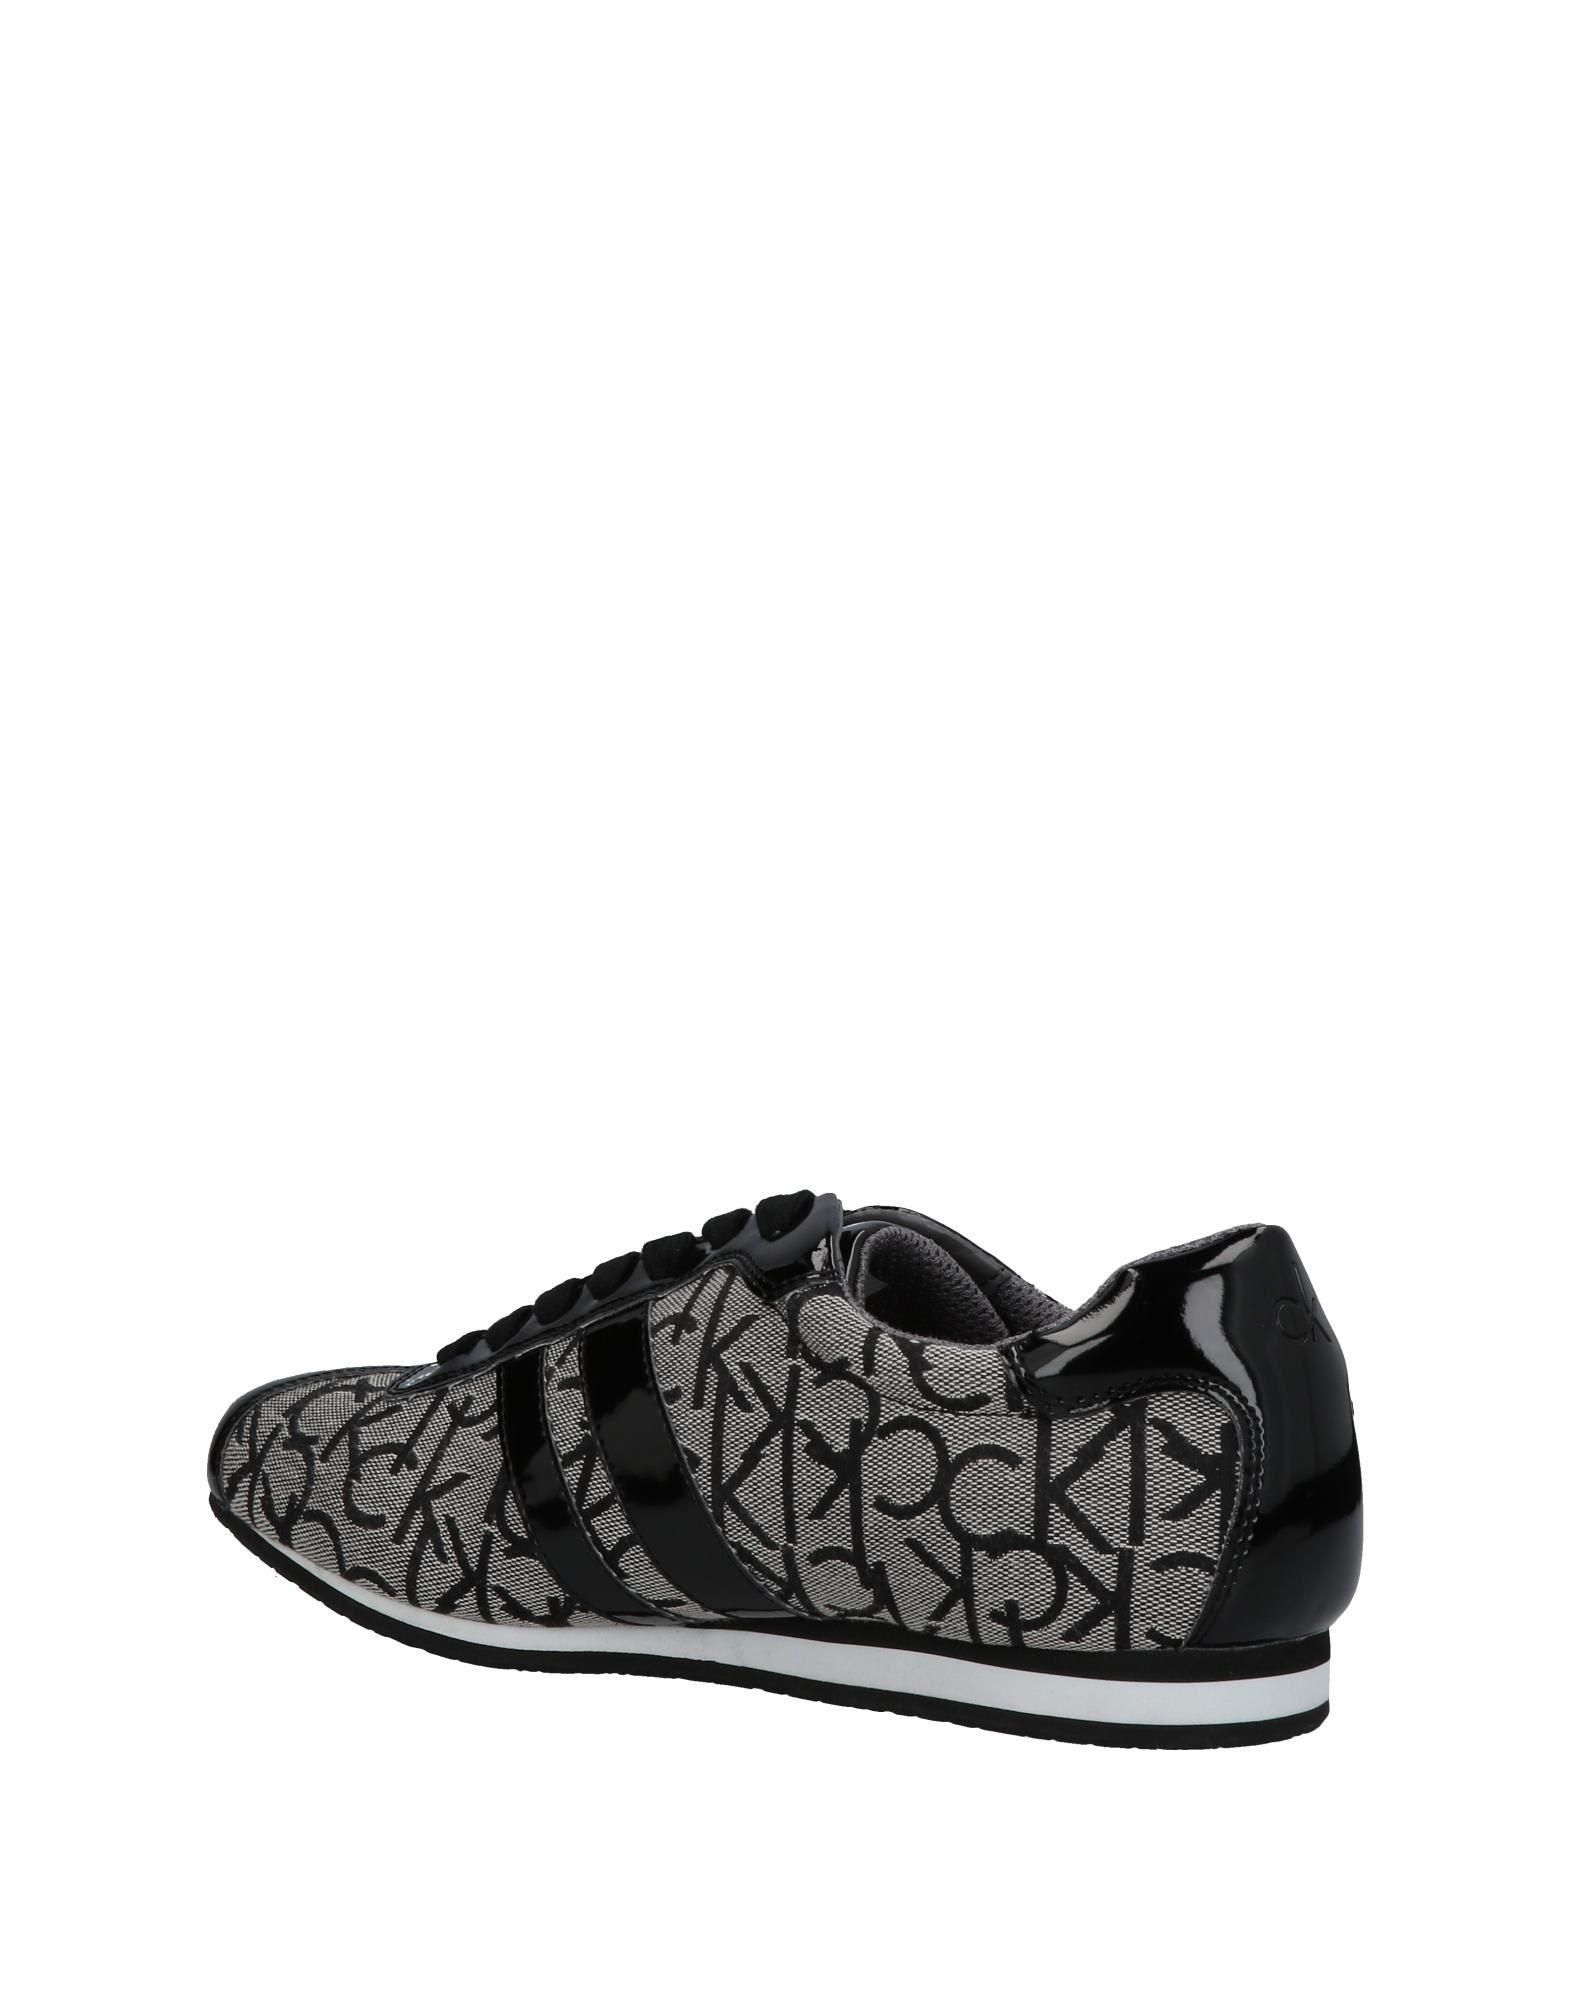 Rabatt echte Schuhe Herren Calvin Klein Sneakers Herren Schuhe  11431379MU 05c235